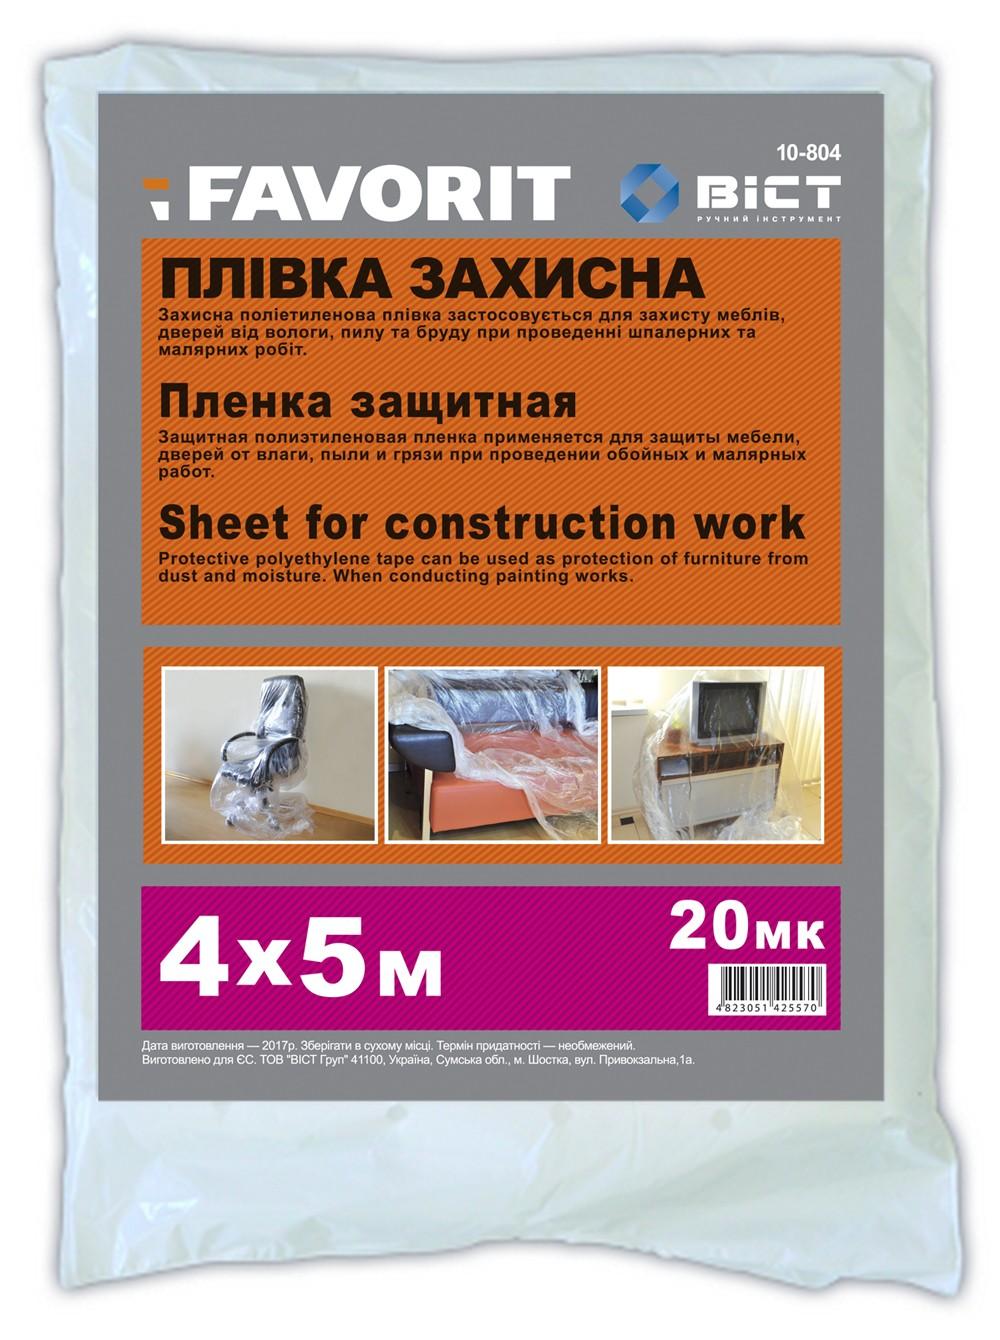 Защитная пленка FAVORIT 4 * 5м 19мк / 20мк 10-804 - PRORAB image-2